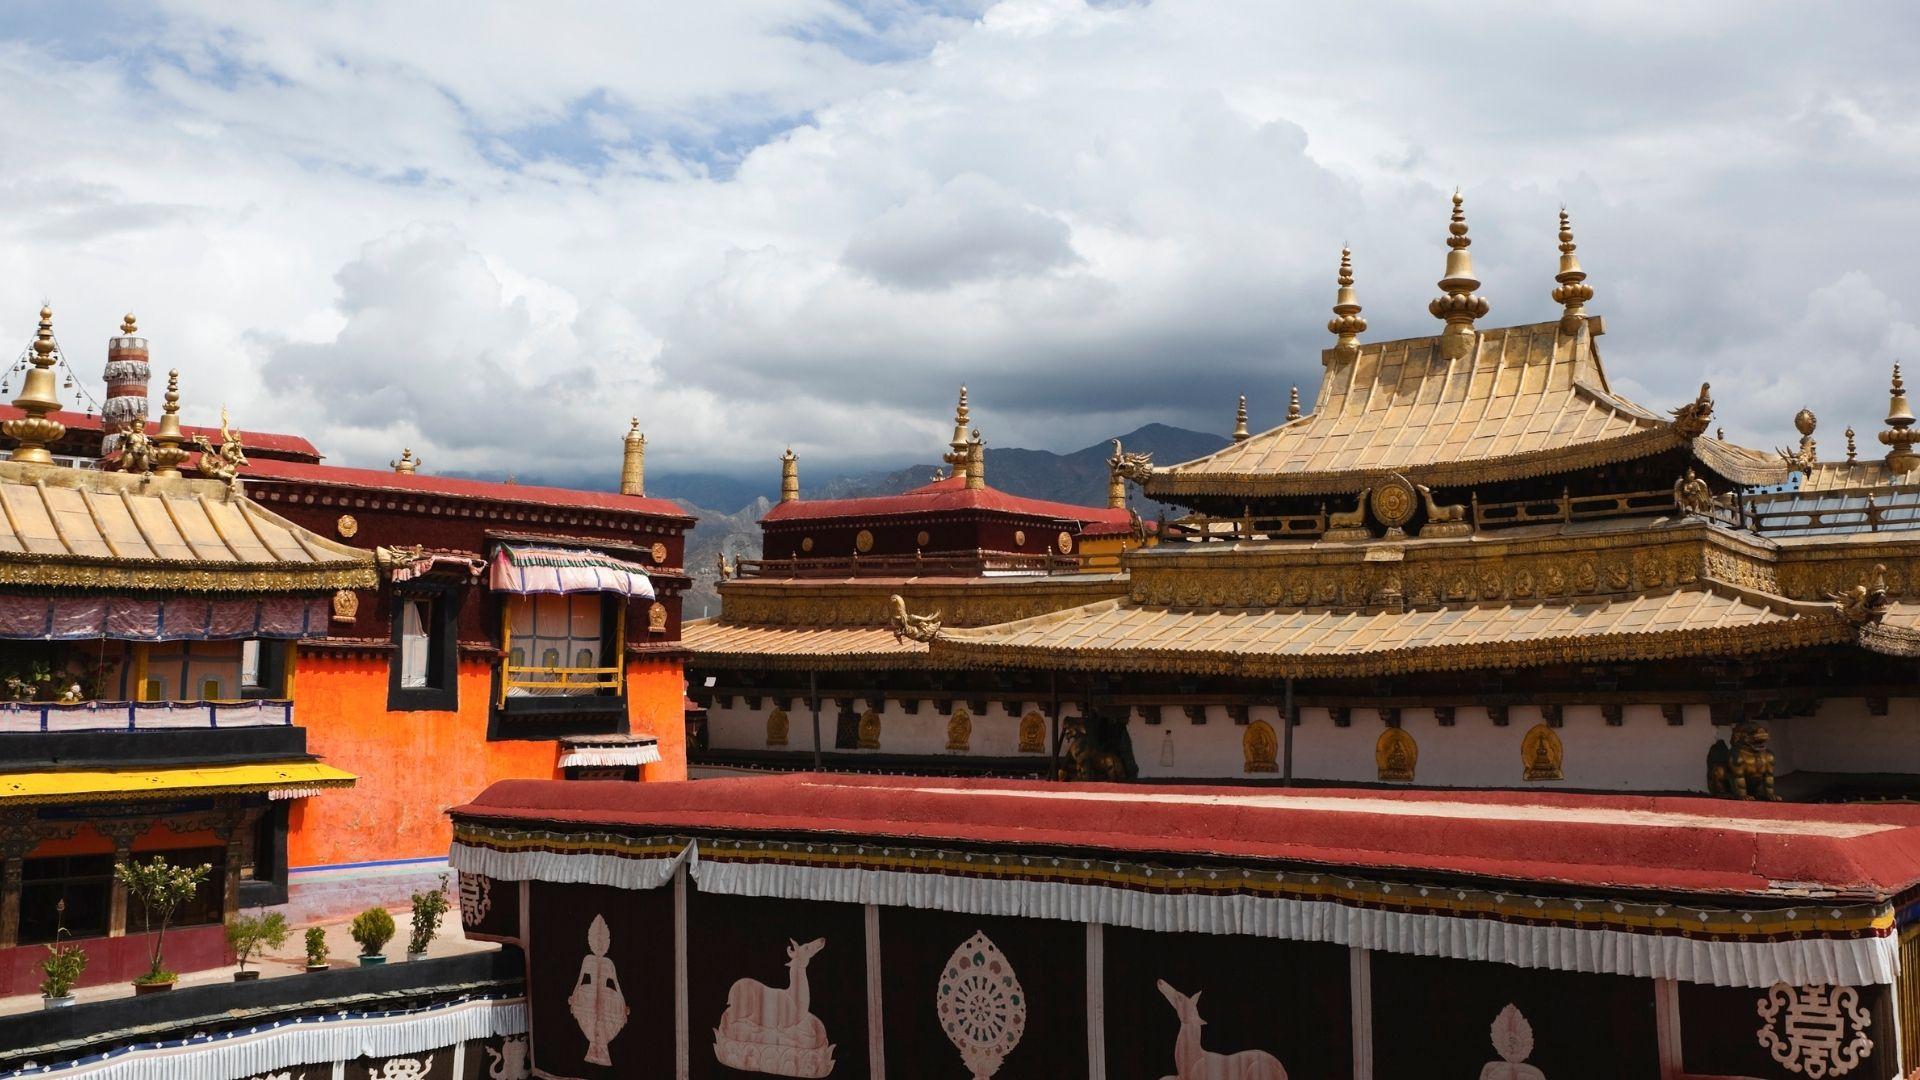 El monasterio de Jokhang Lhasa tibet